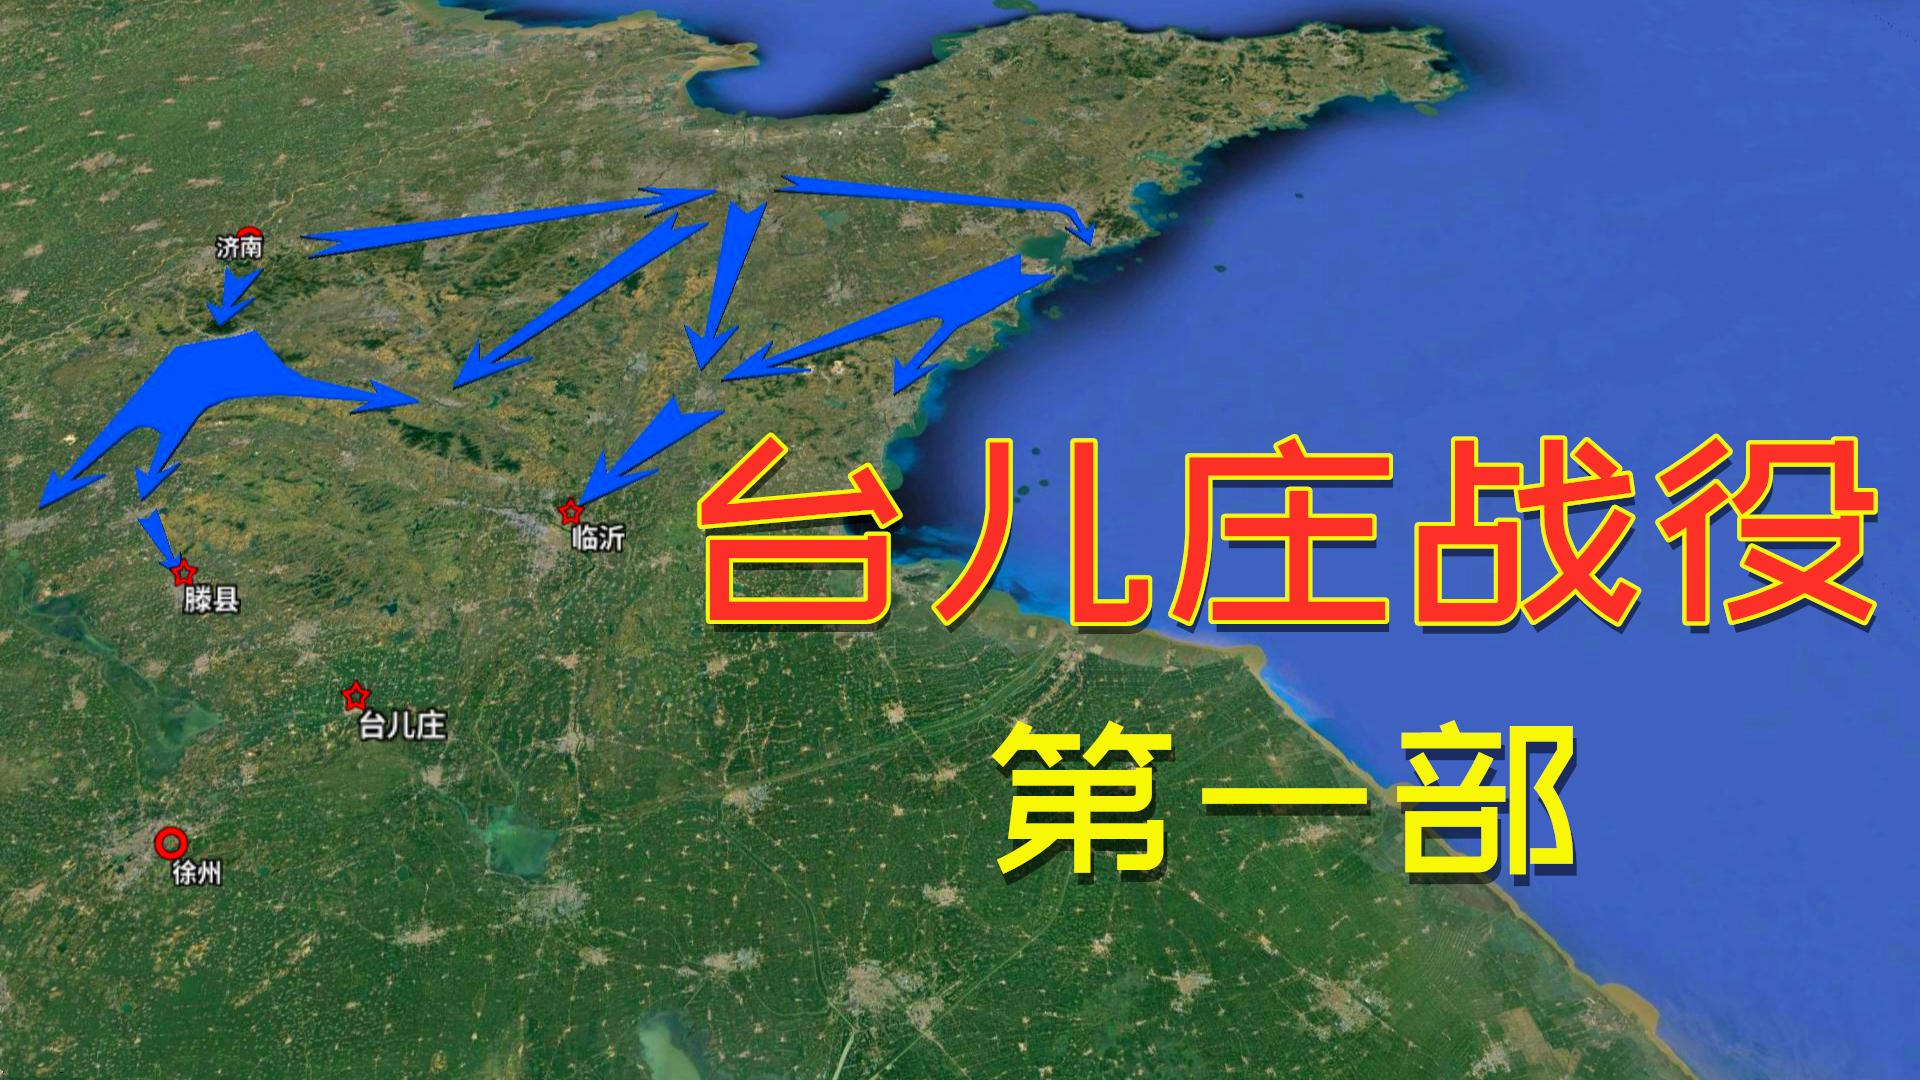 看地图说历史:台儿庄战役因何而起?一盘散沙的各地军阀齐心抗日